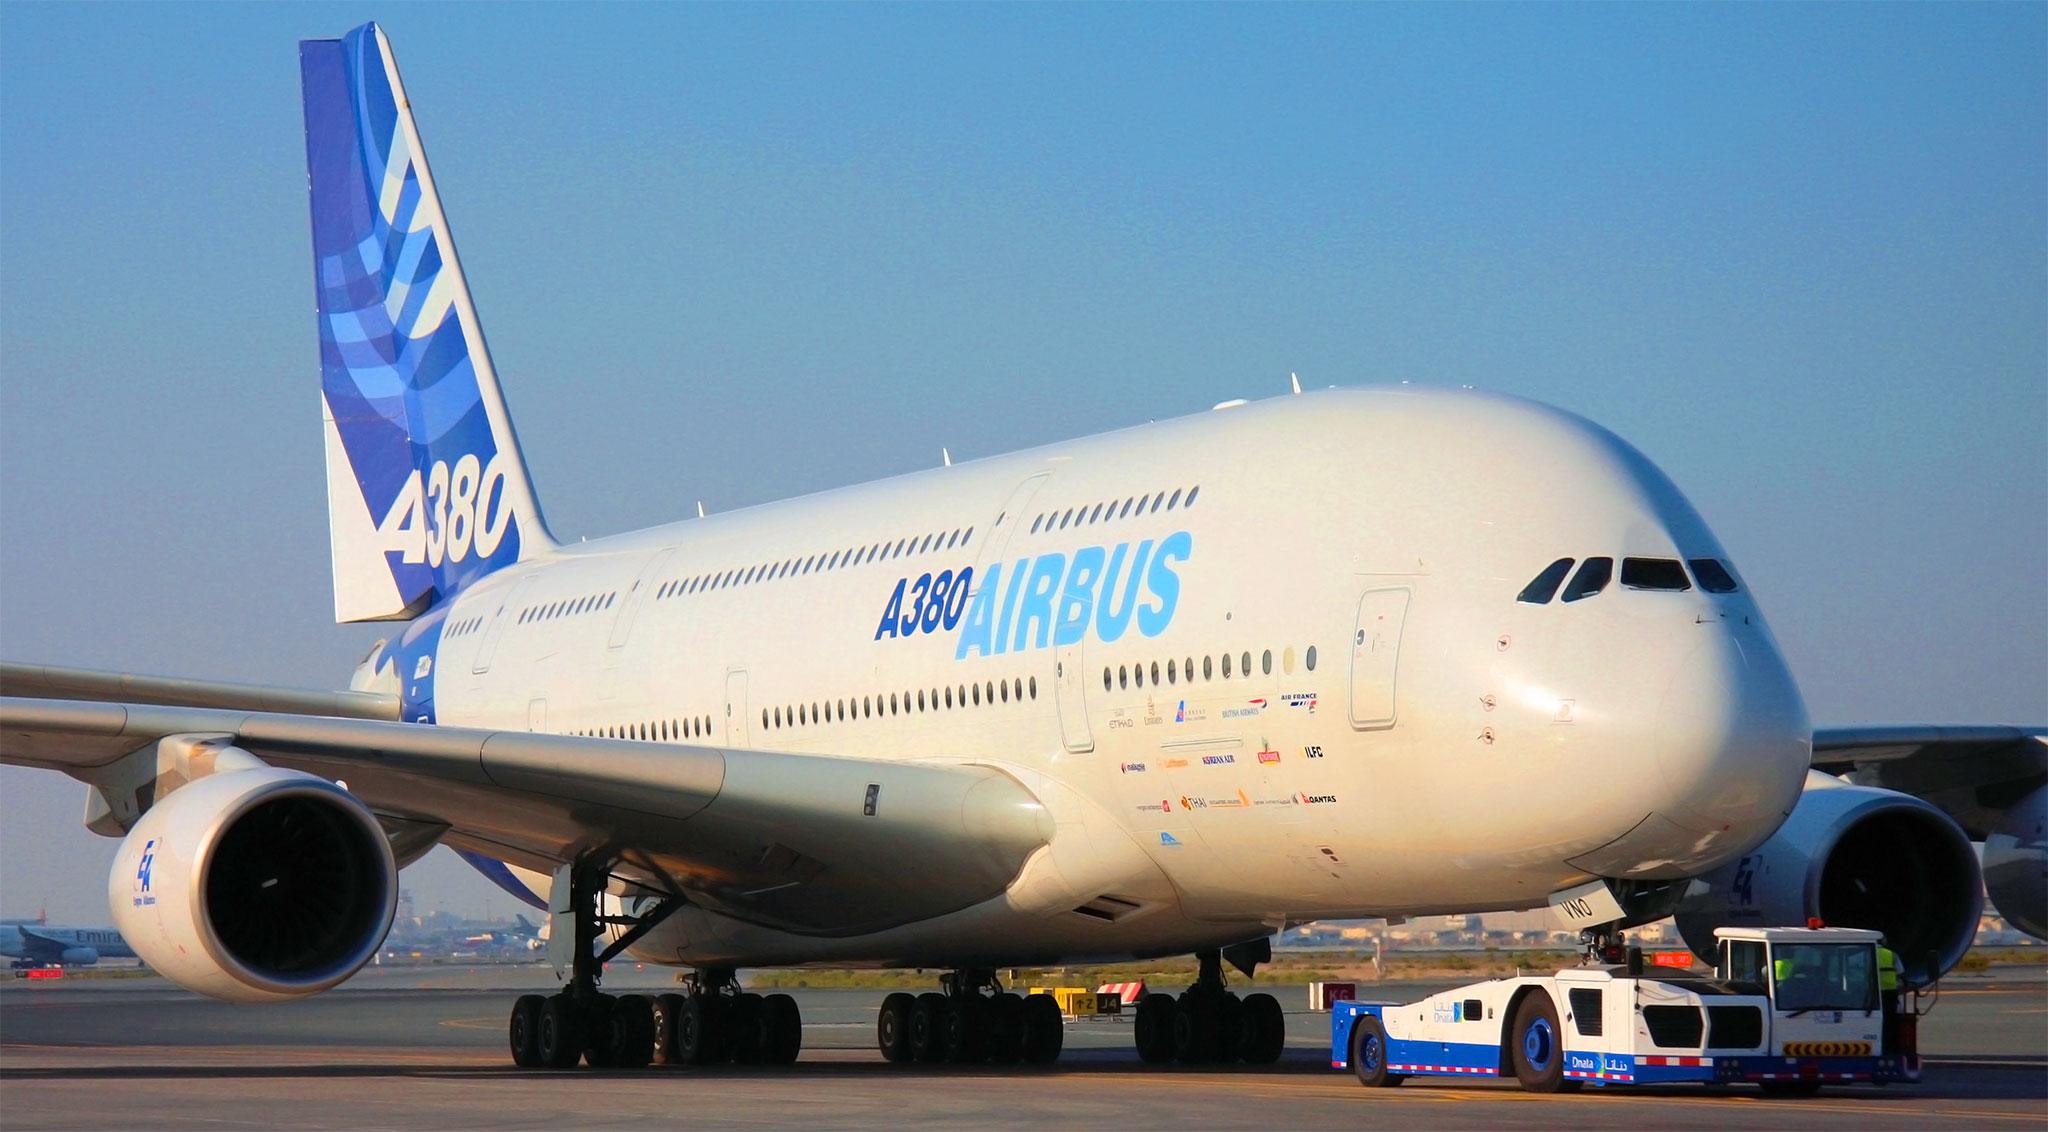 بالصور اكبر طائرة في العالم , تعرف على اكبر طائره فى العالم 6052 11